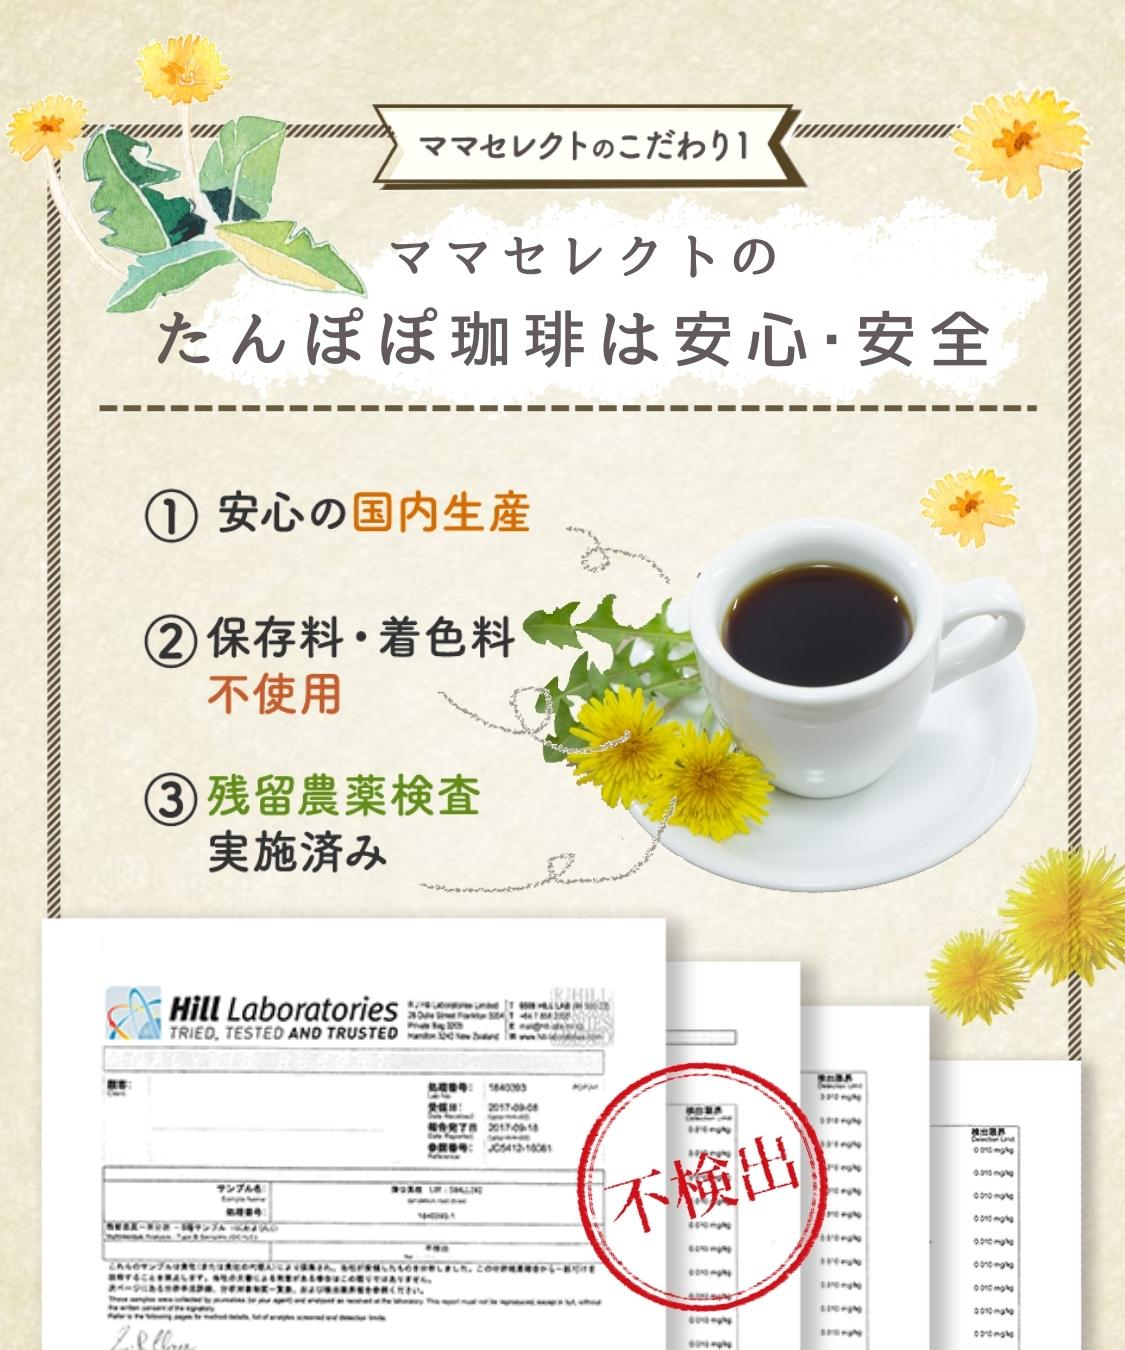 たんぽぽコーヒーって たんぽぽの根を焙煎してつくるノンカフェインの健康茶です